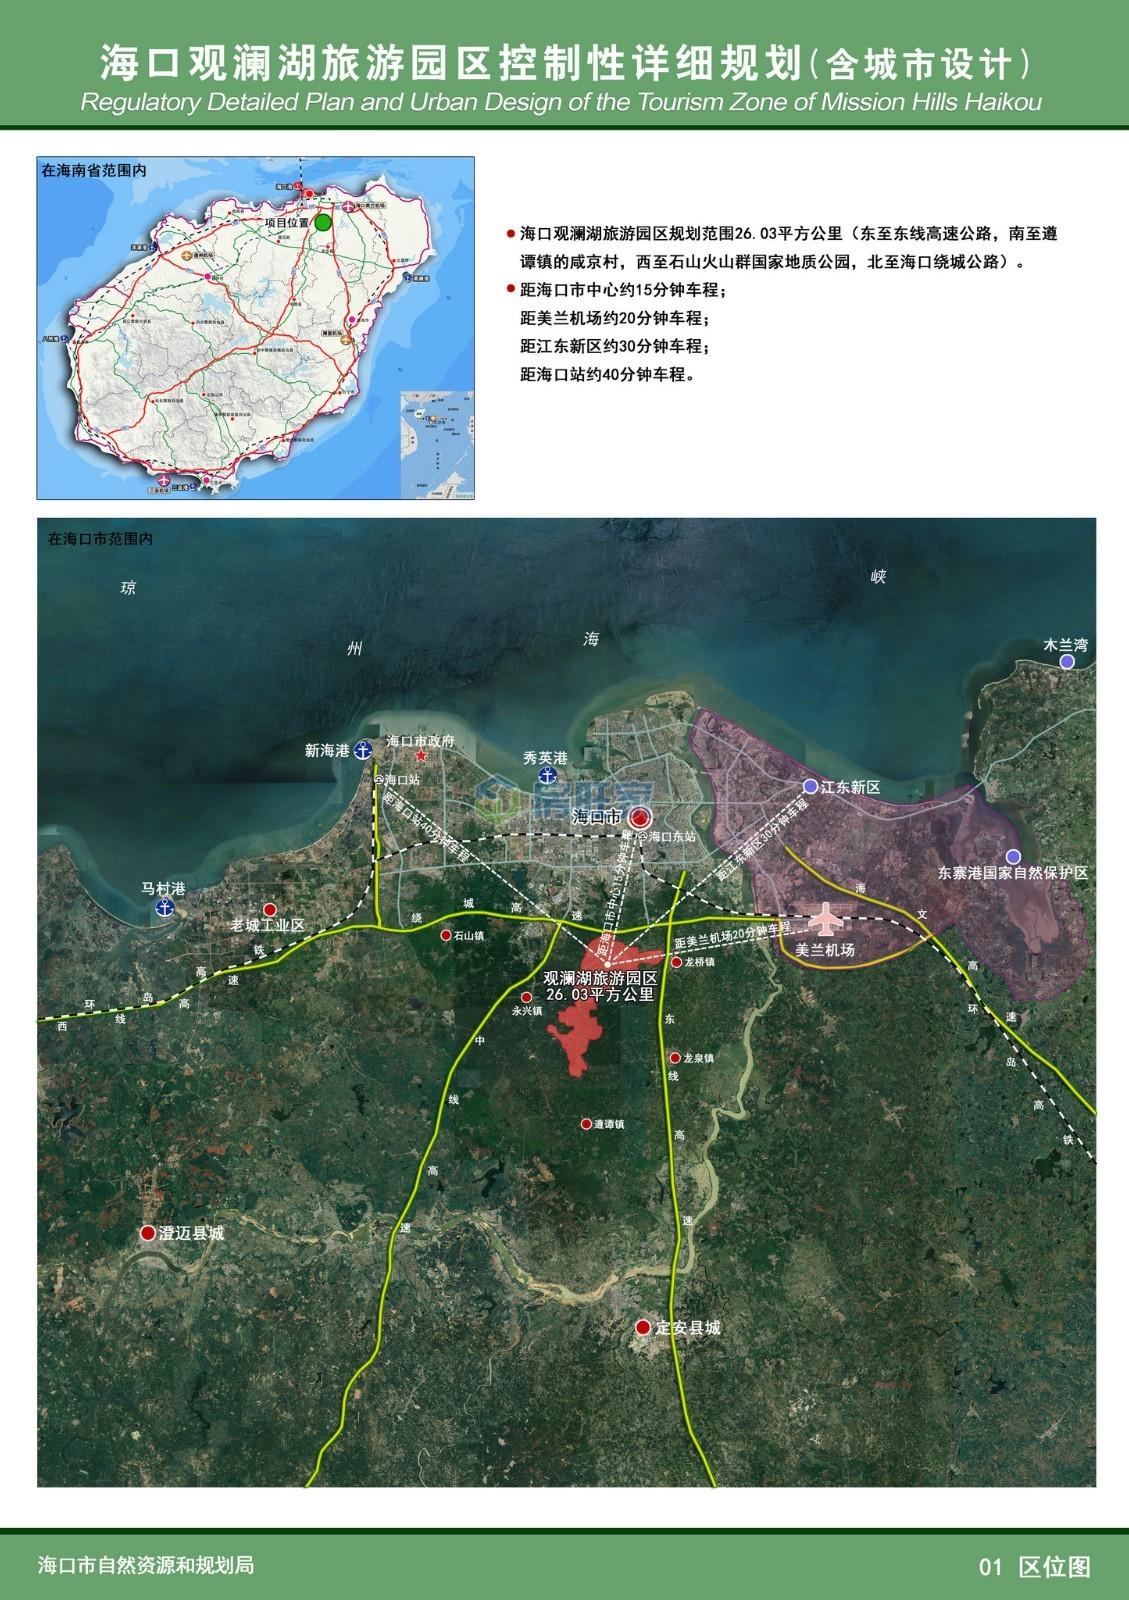 观澜湖区位分析图